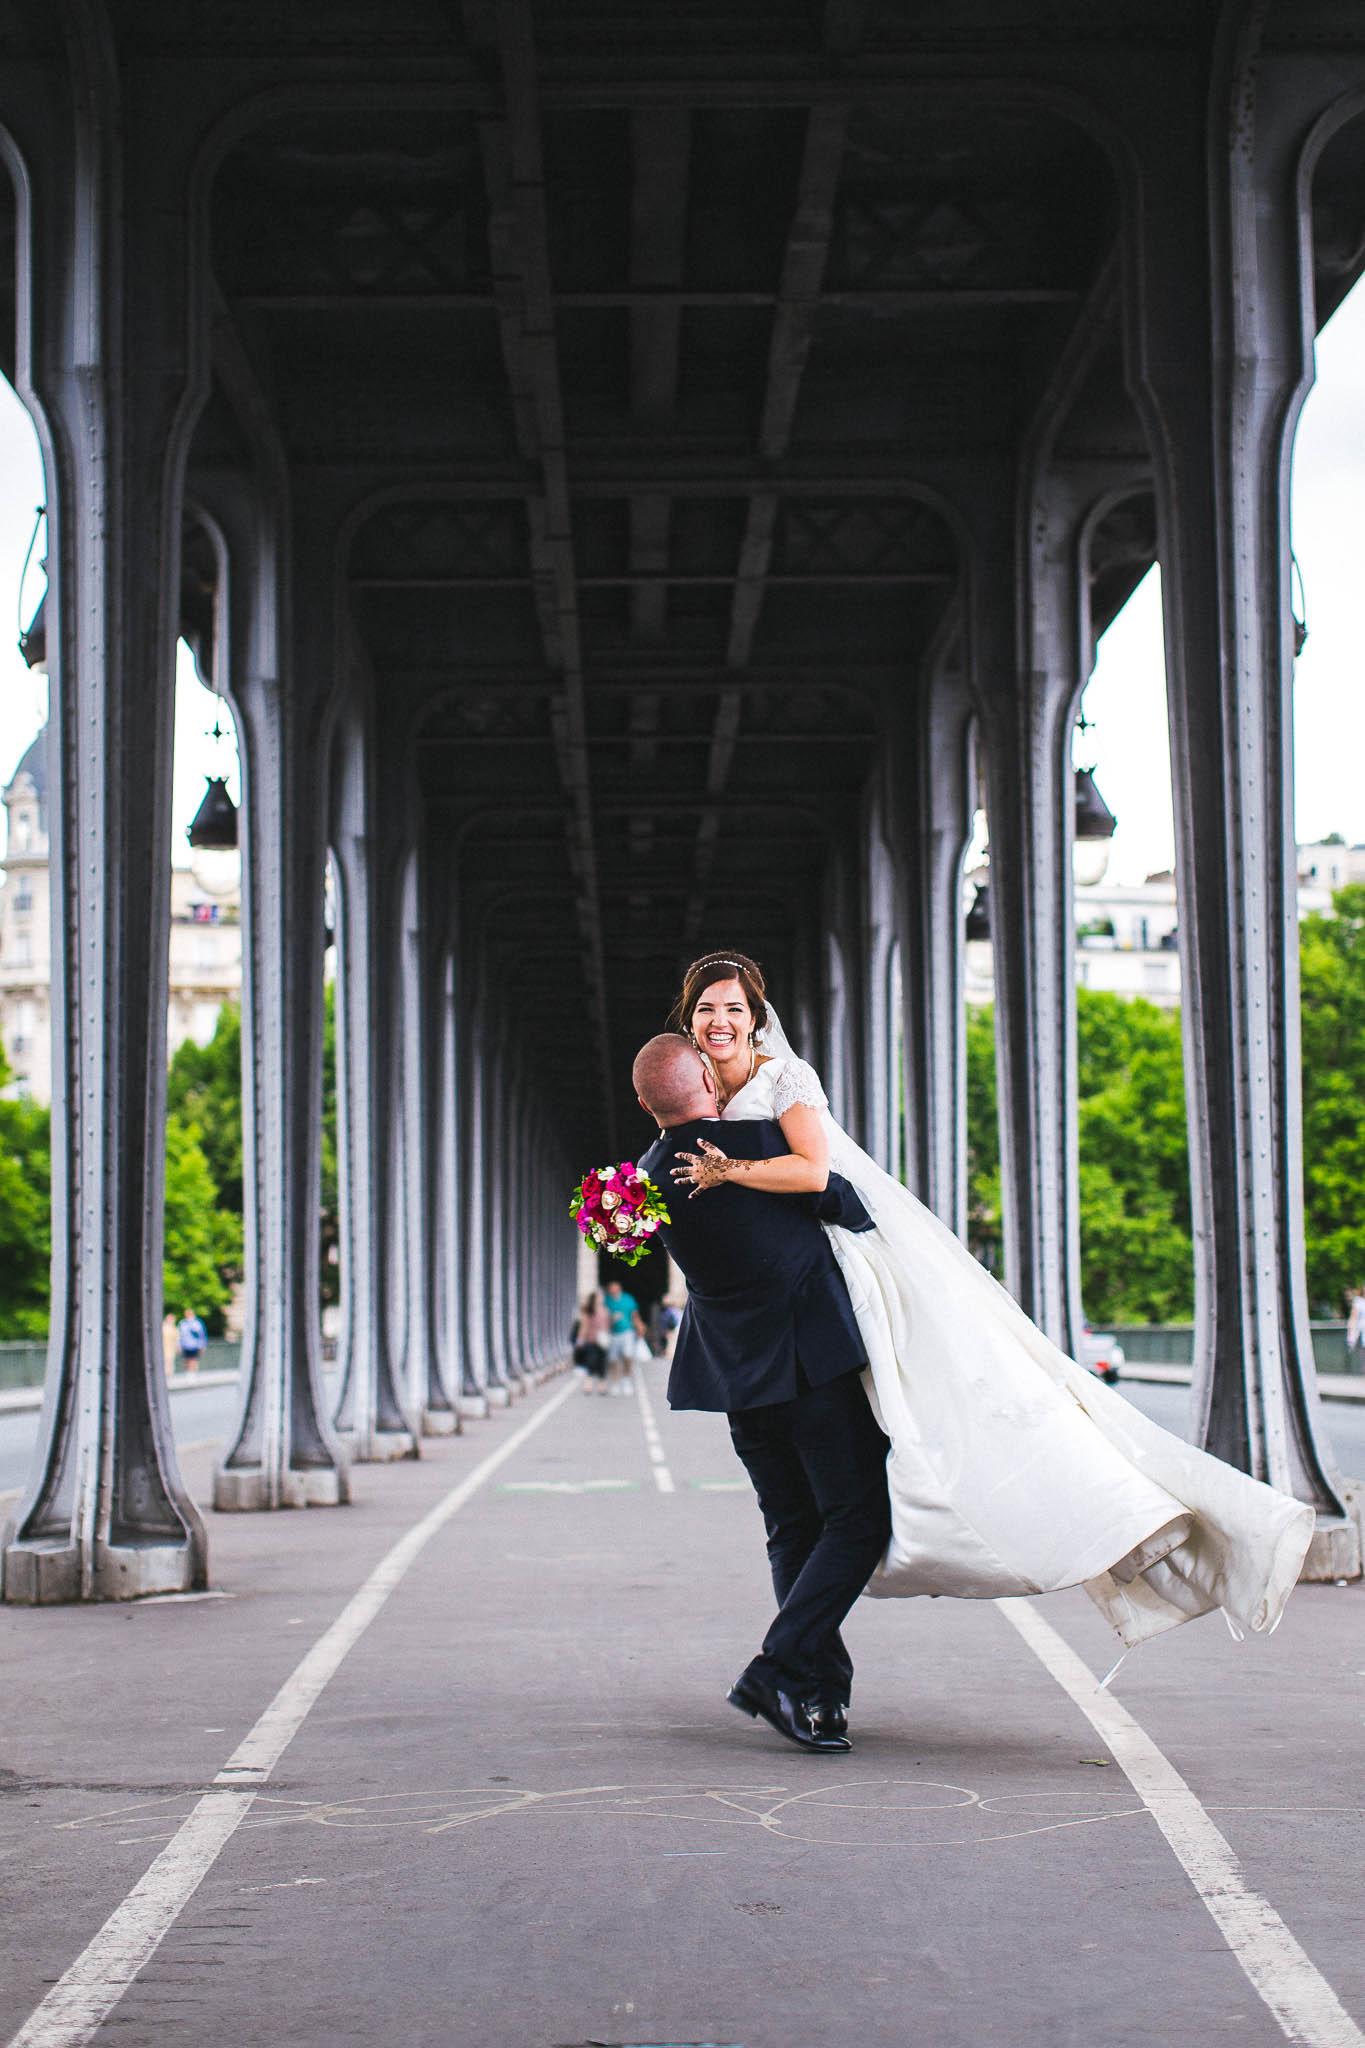 Art_Avec_Amour_Photographe_Mariage_Famille_Paris_France-00124.jpg